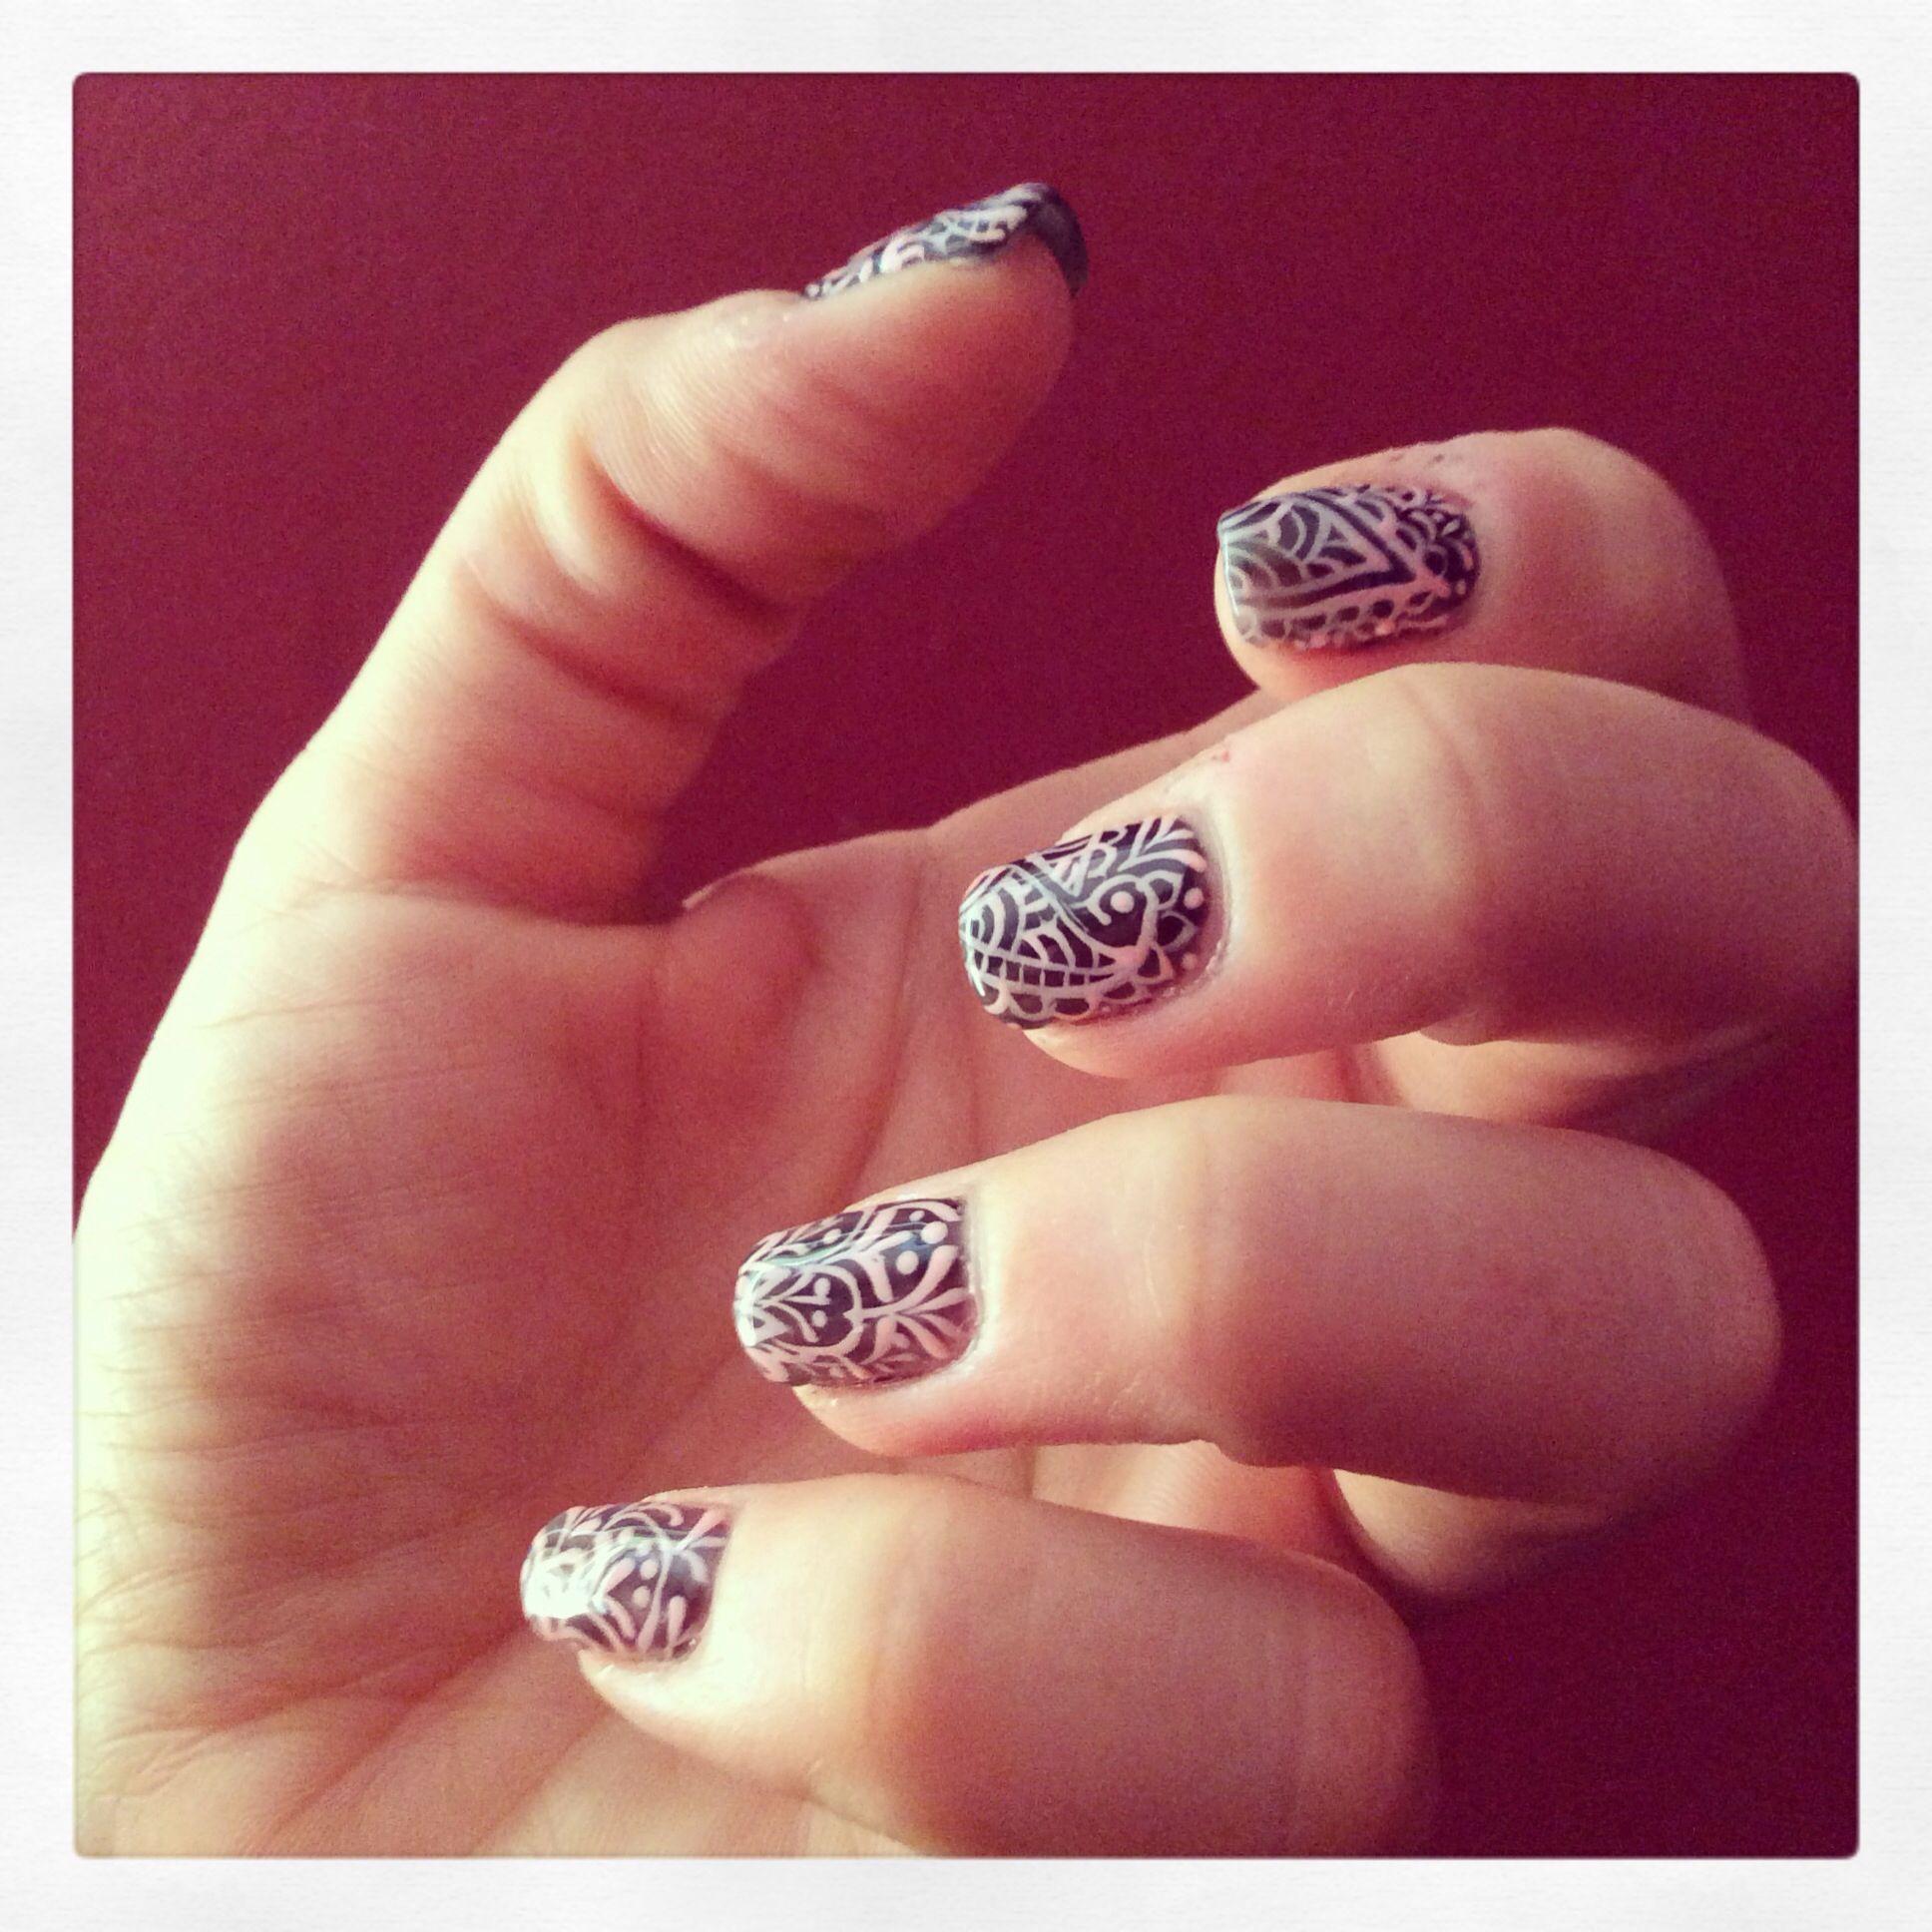 Unique Diva Nails Mineola Inspiration - Nail Art Ideas - morihati.com